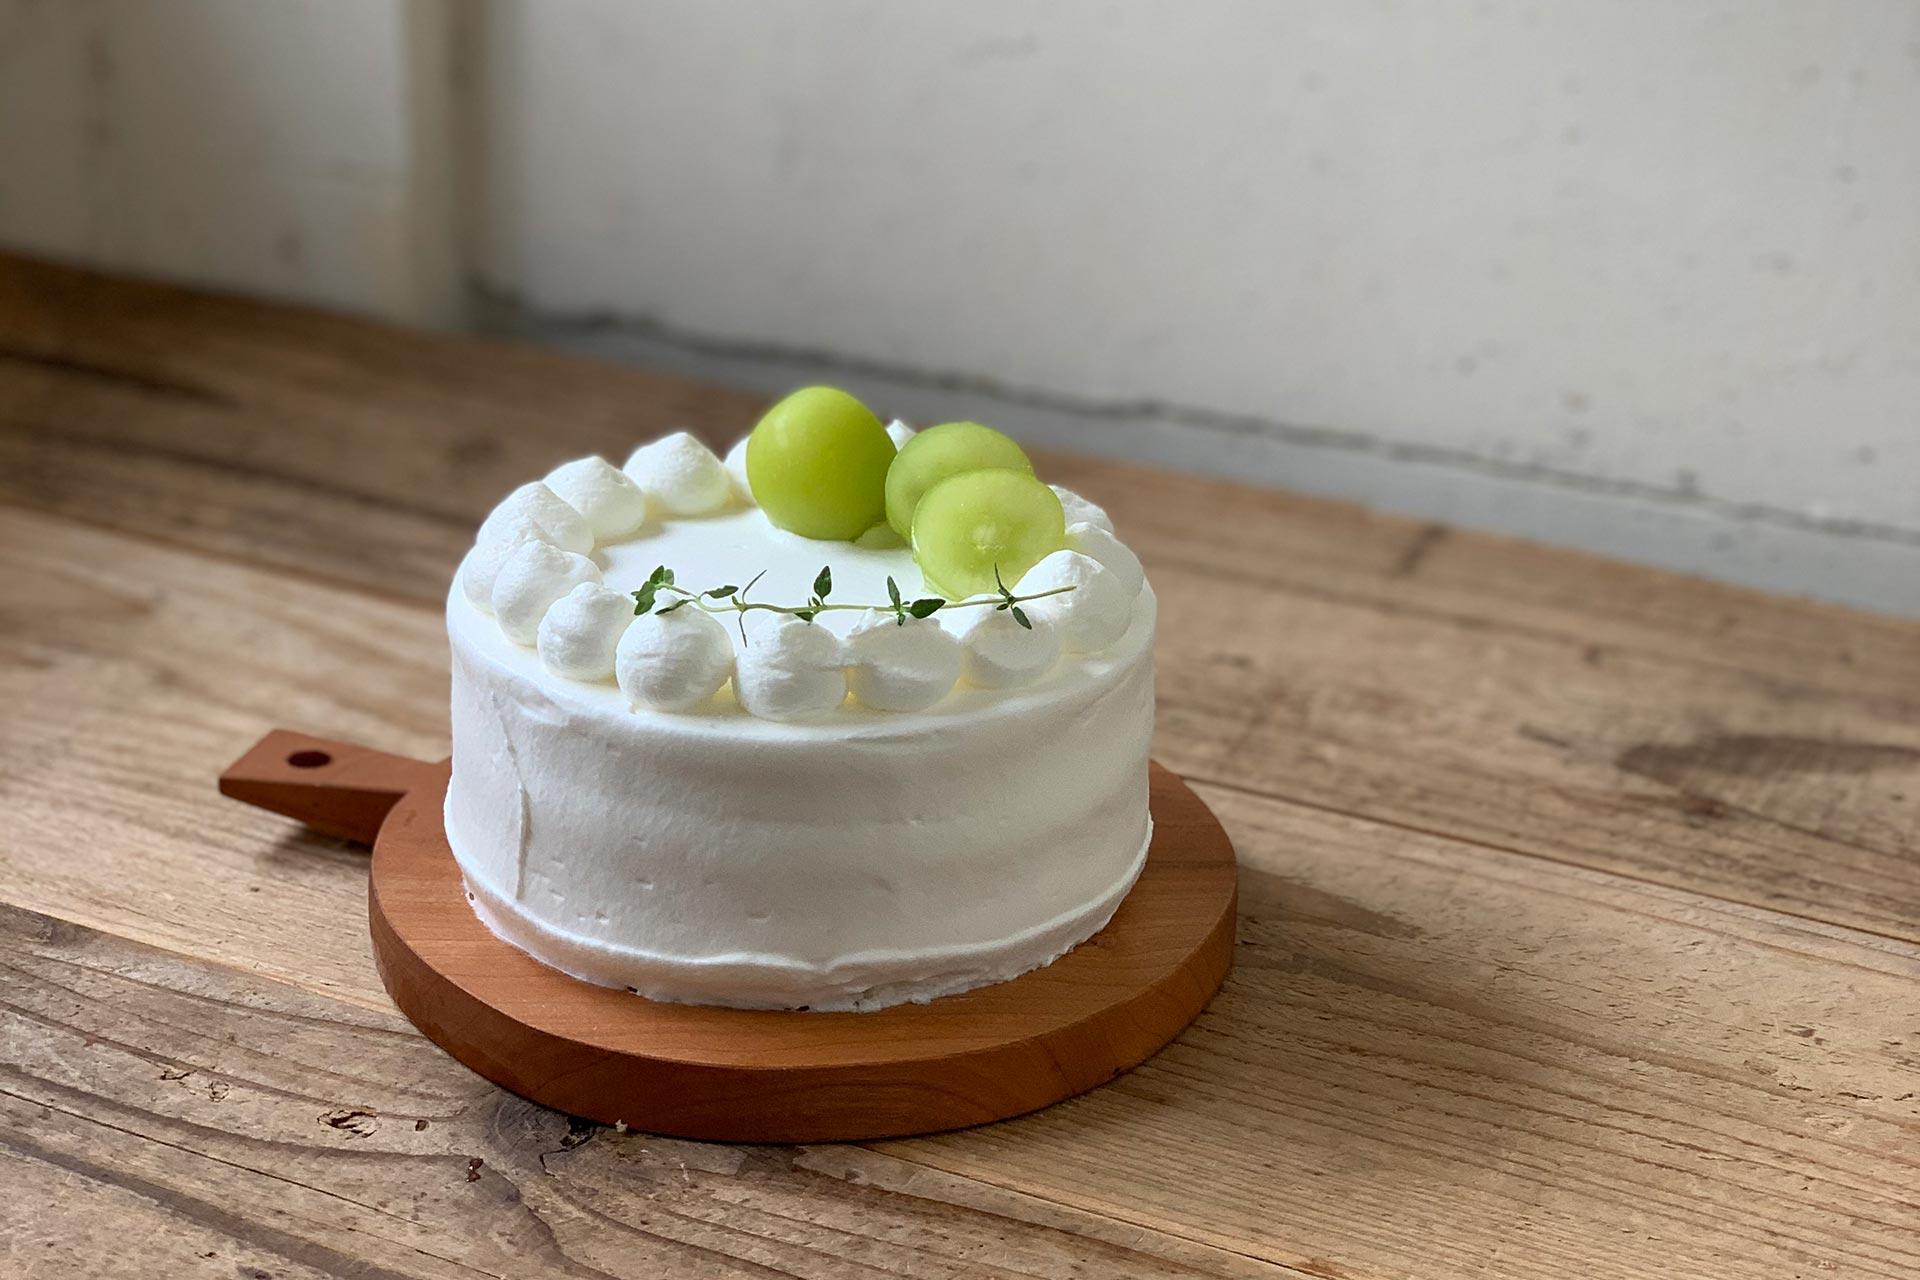 ショートケーキ、ホールケーキともに桃からぶどうに変わります